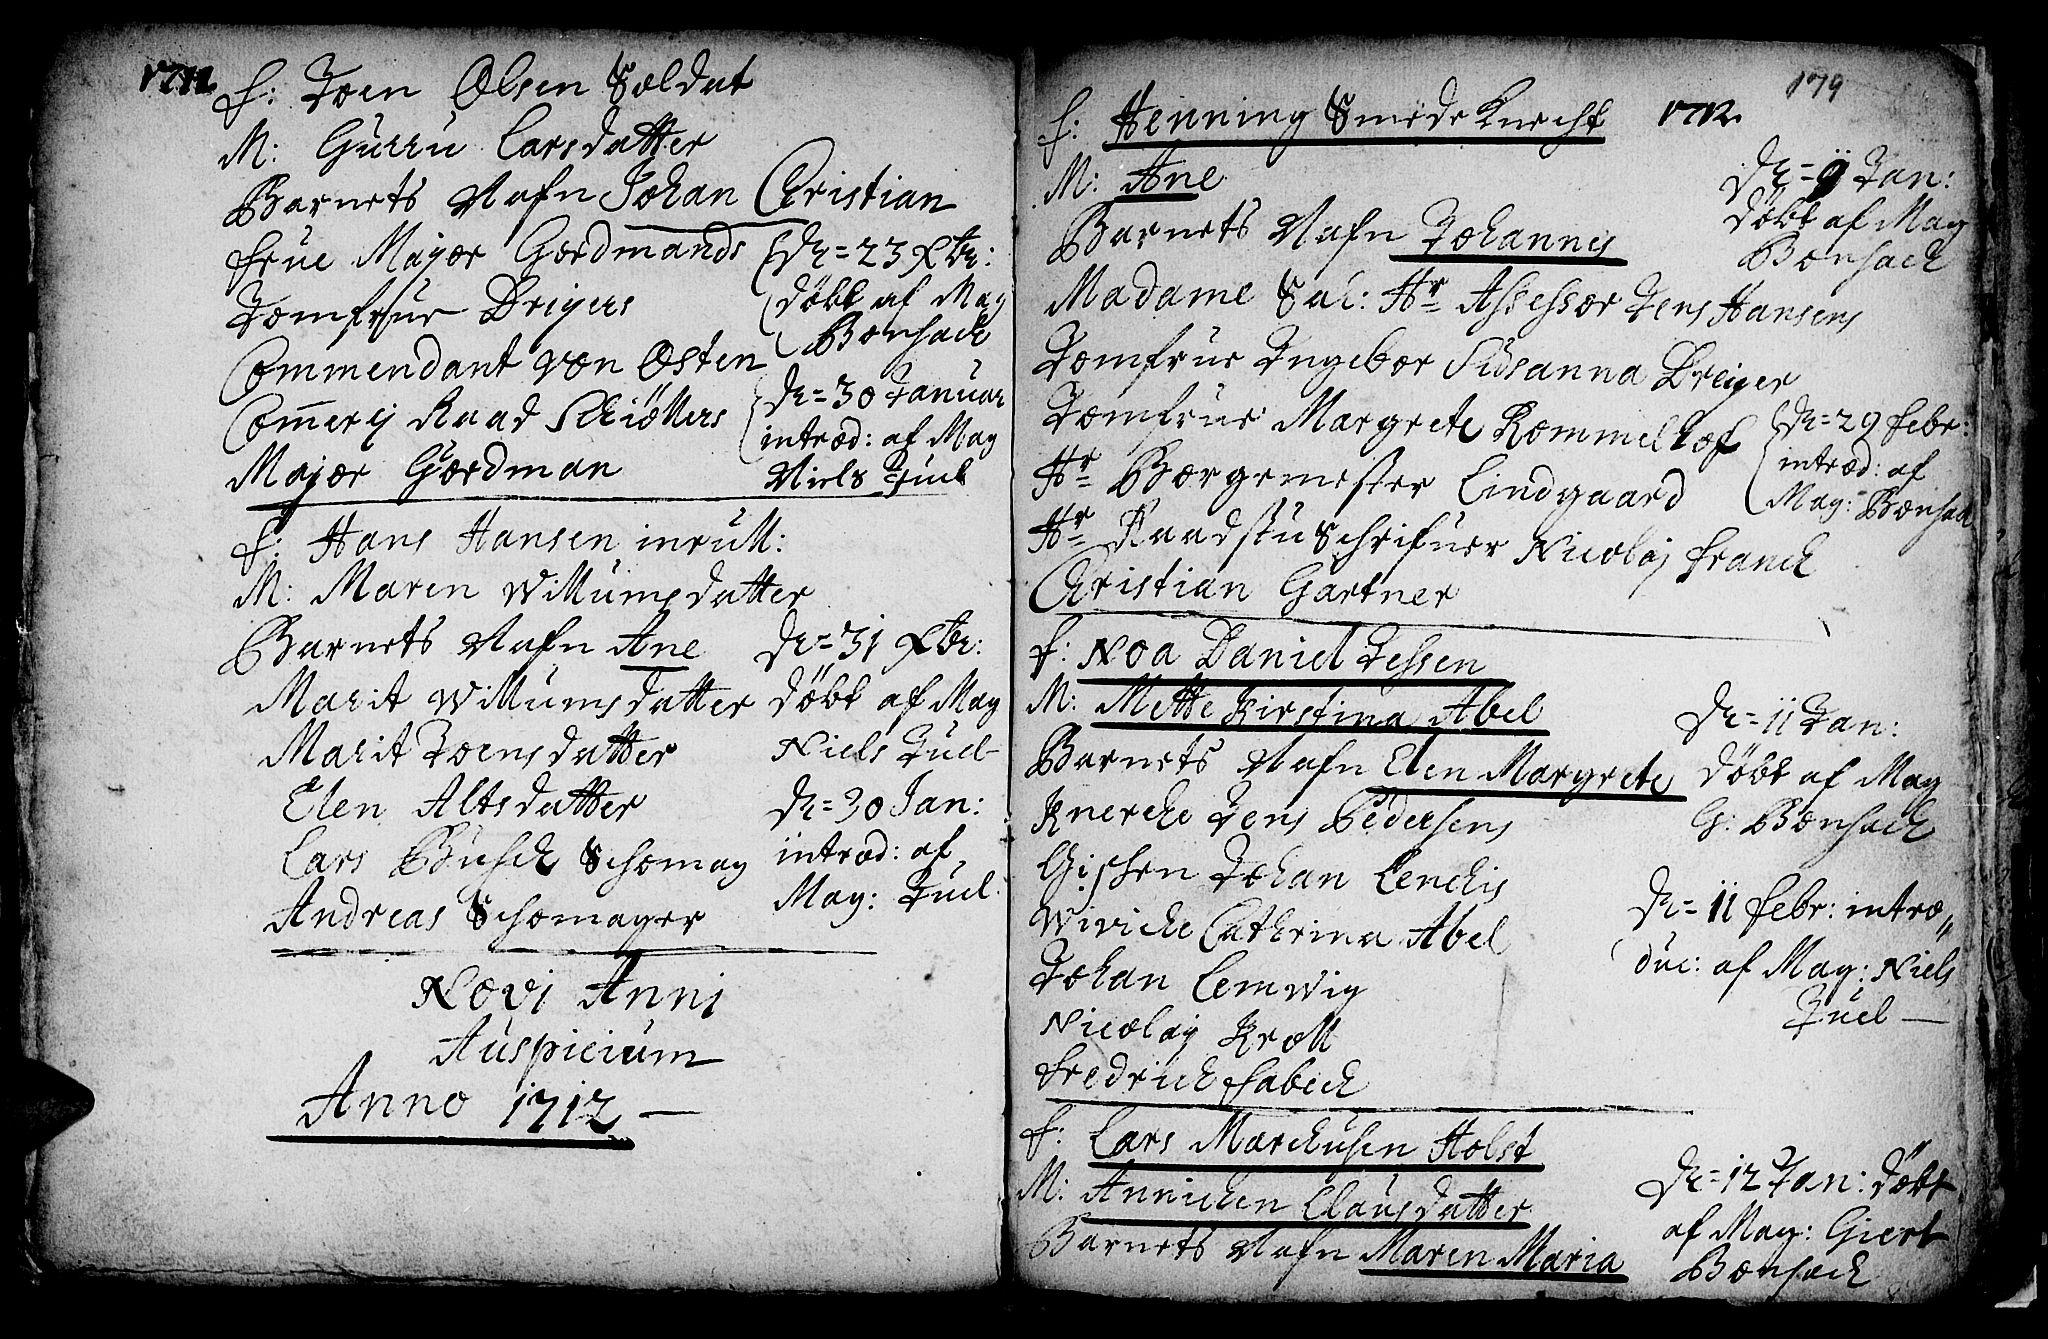 SAT, Ministerialprotokoller, klokkerbøker og fødselsregistre - Sør-Trøndelag, 601/L0034: Ministerialbok nr. 601A02, 1702-1714, s. 179